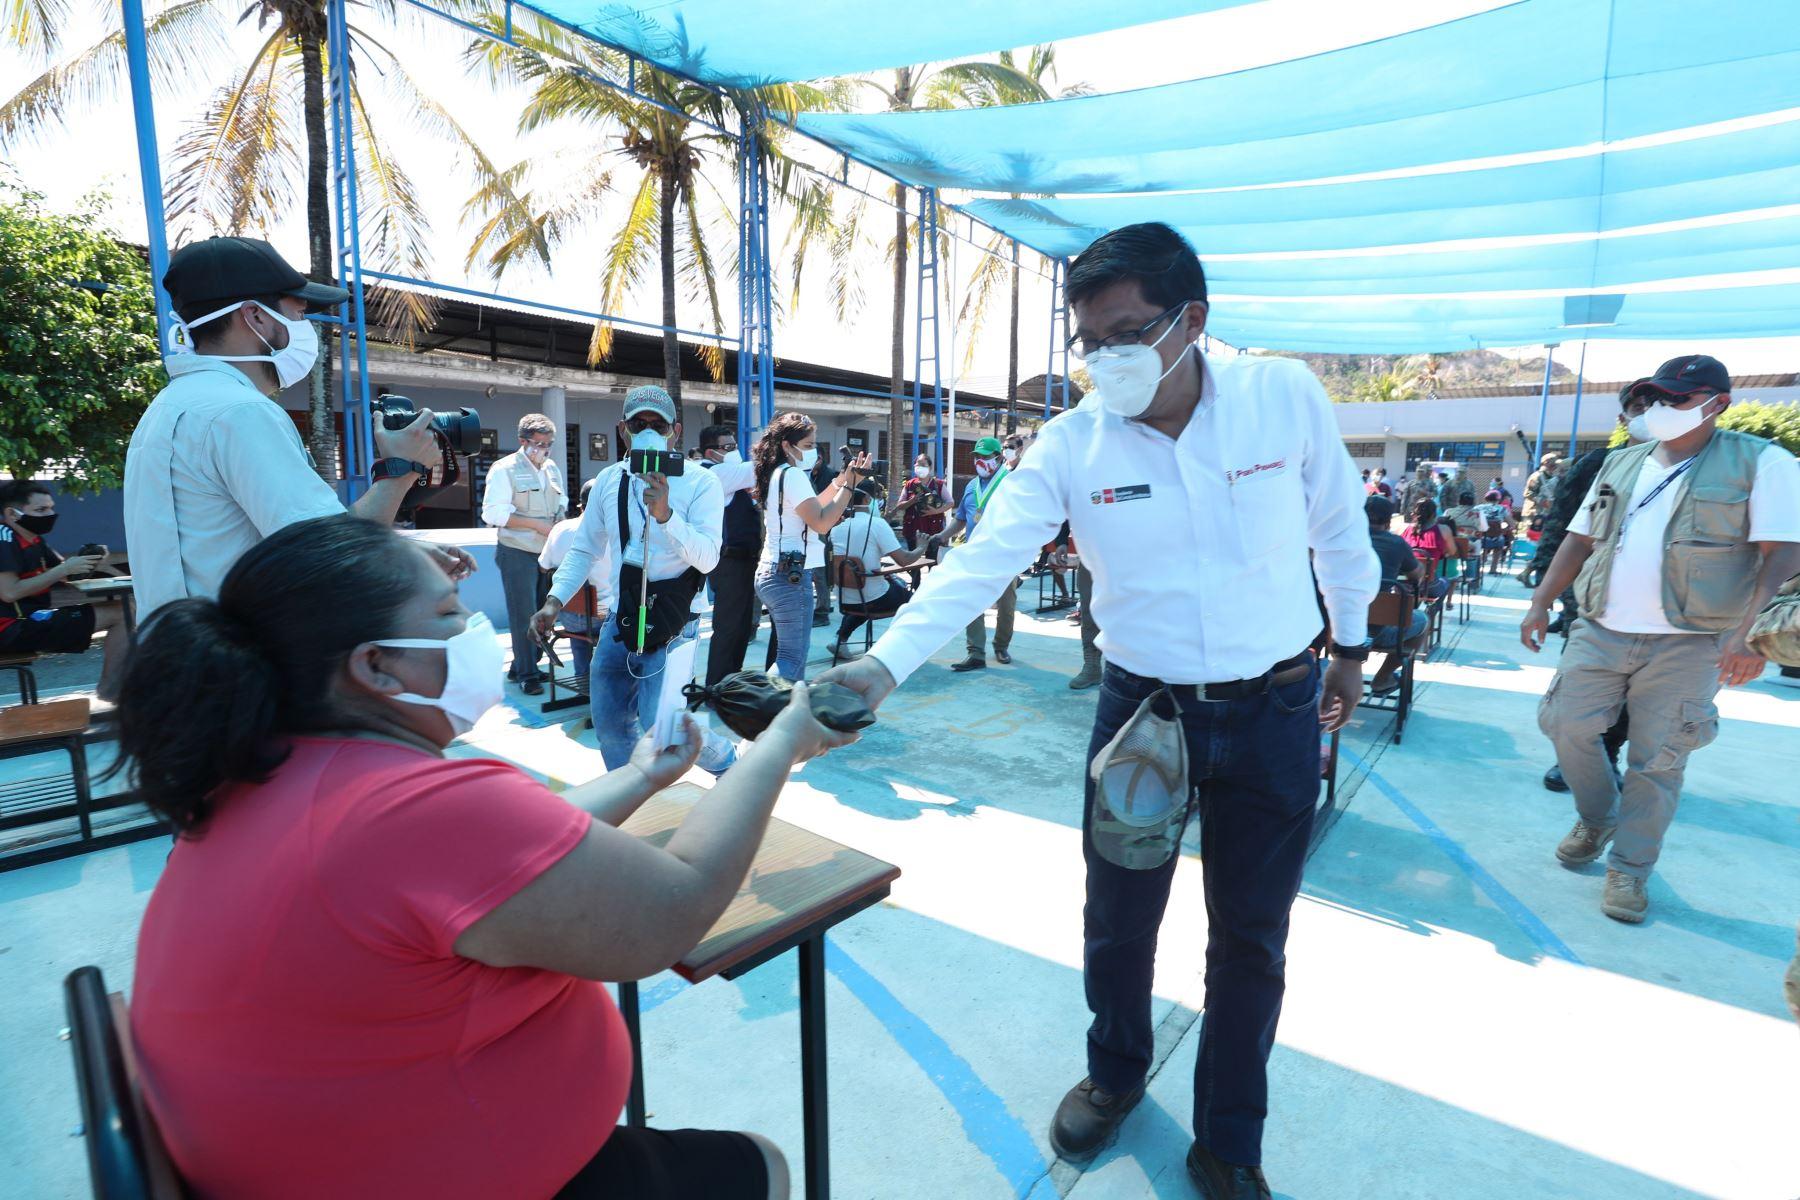 Como parte de la Acción Cívica que se realiza en la región Amazonas, el premier Vicente Zeballos visita el coliseo del Colegio Inmaculada de Bagua y constata la atención que recibe la población por parte del personal de salud y equipo multisectorial del Estado. Foto: PCM